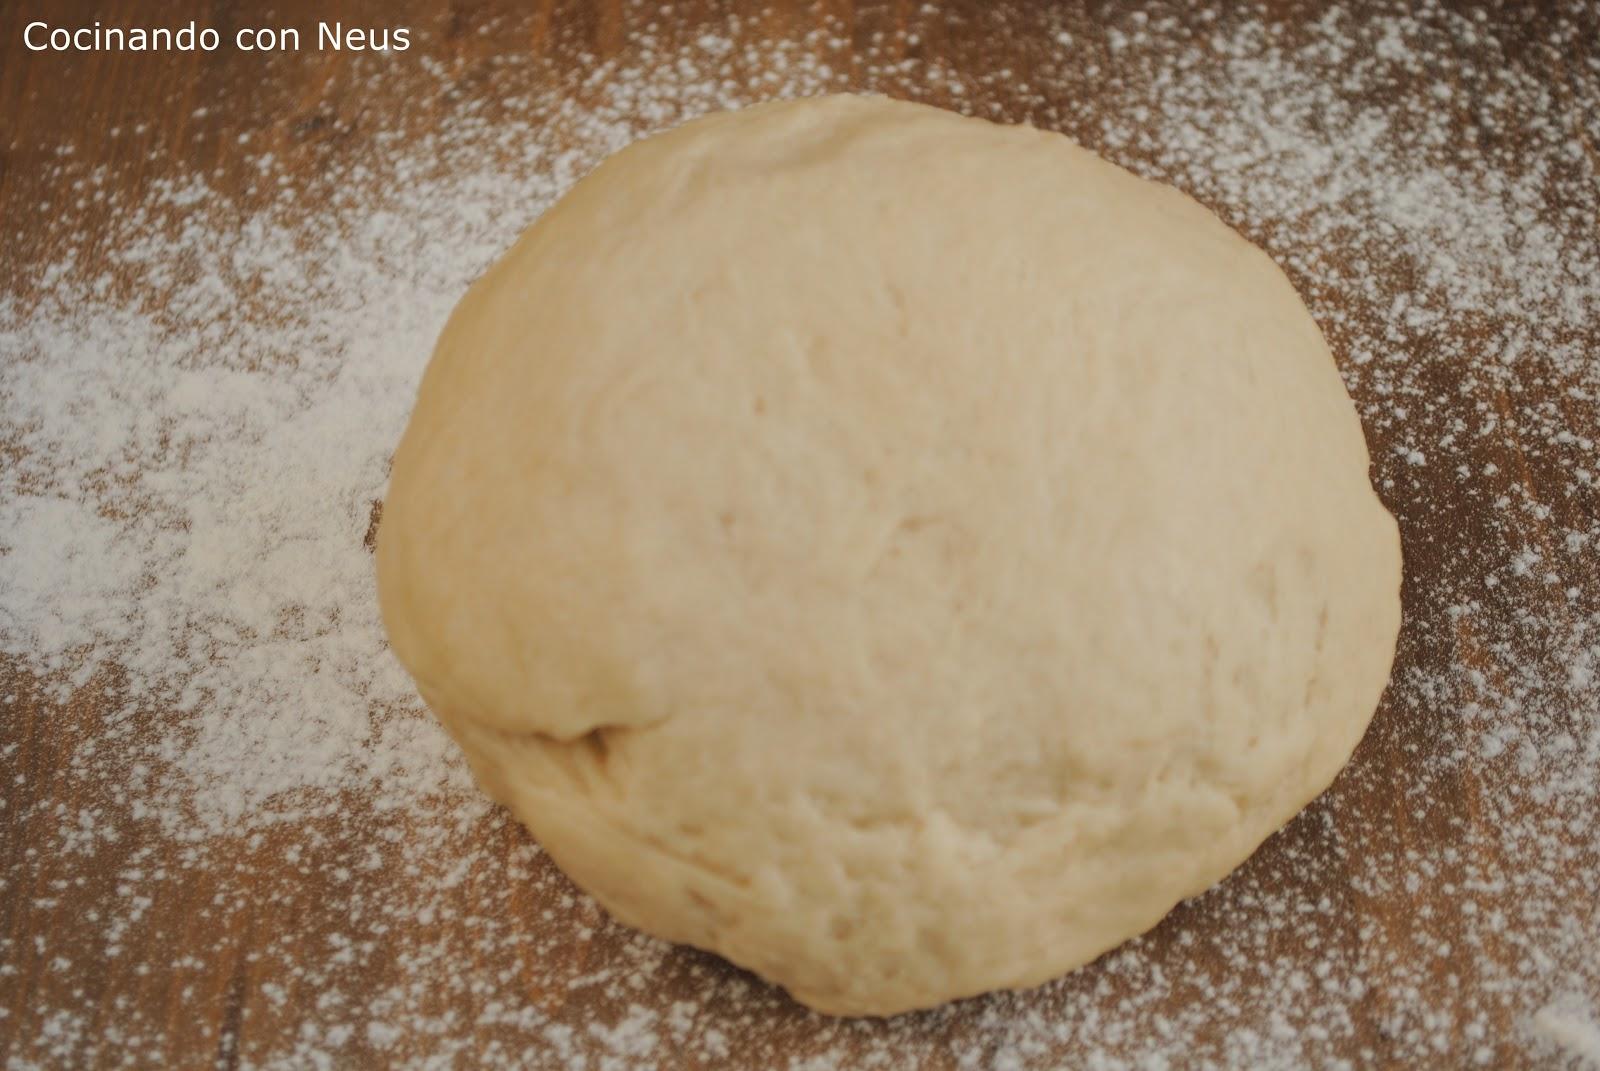 Neus cocinando con thermomix masa para pizza de jamie oliver for Cocinando 15 minutos con jamie